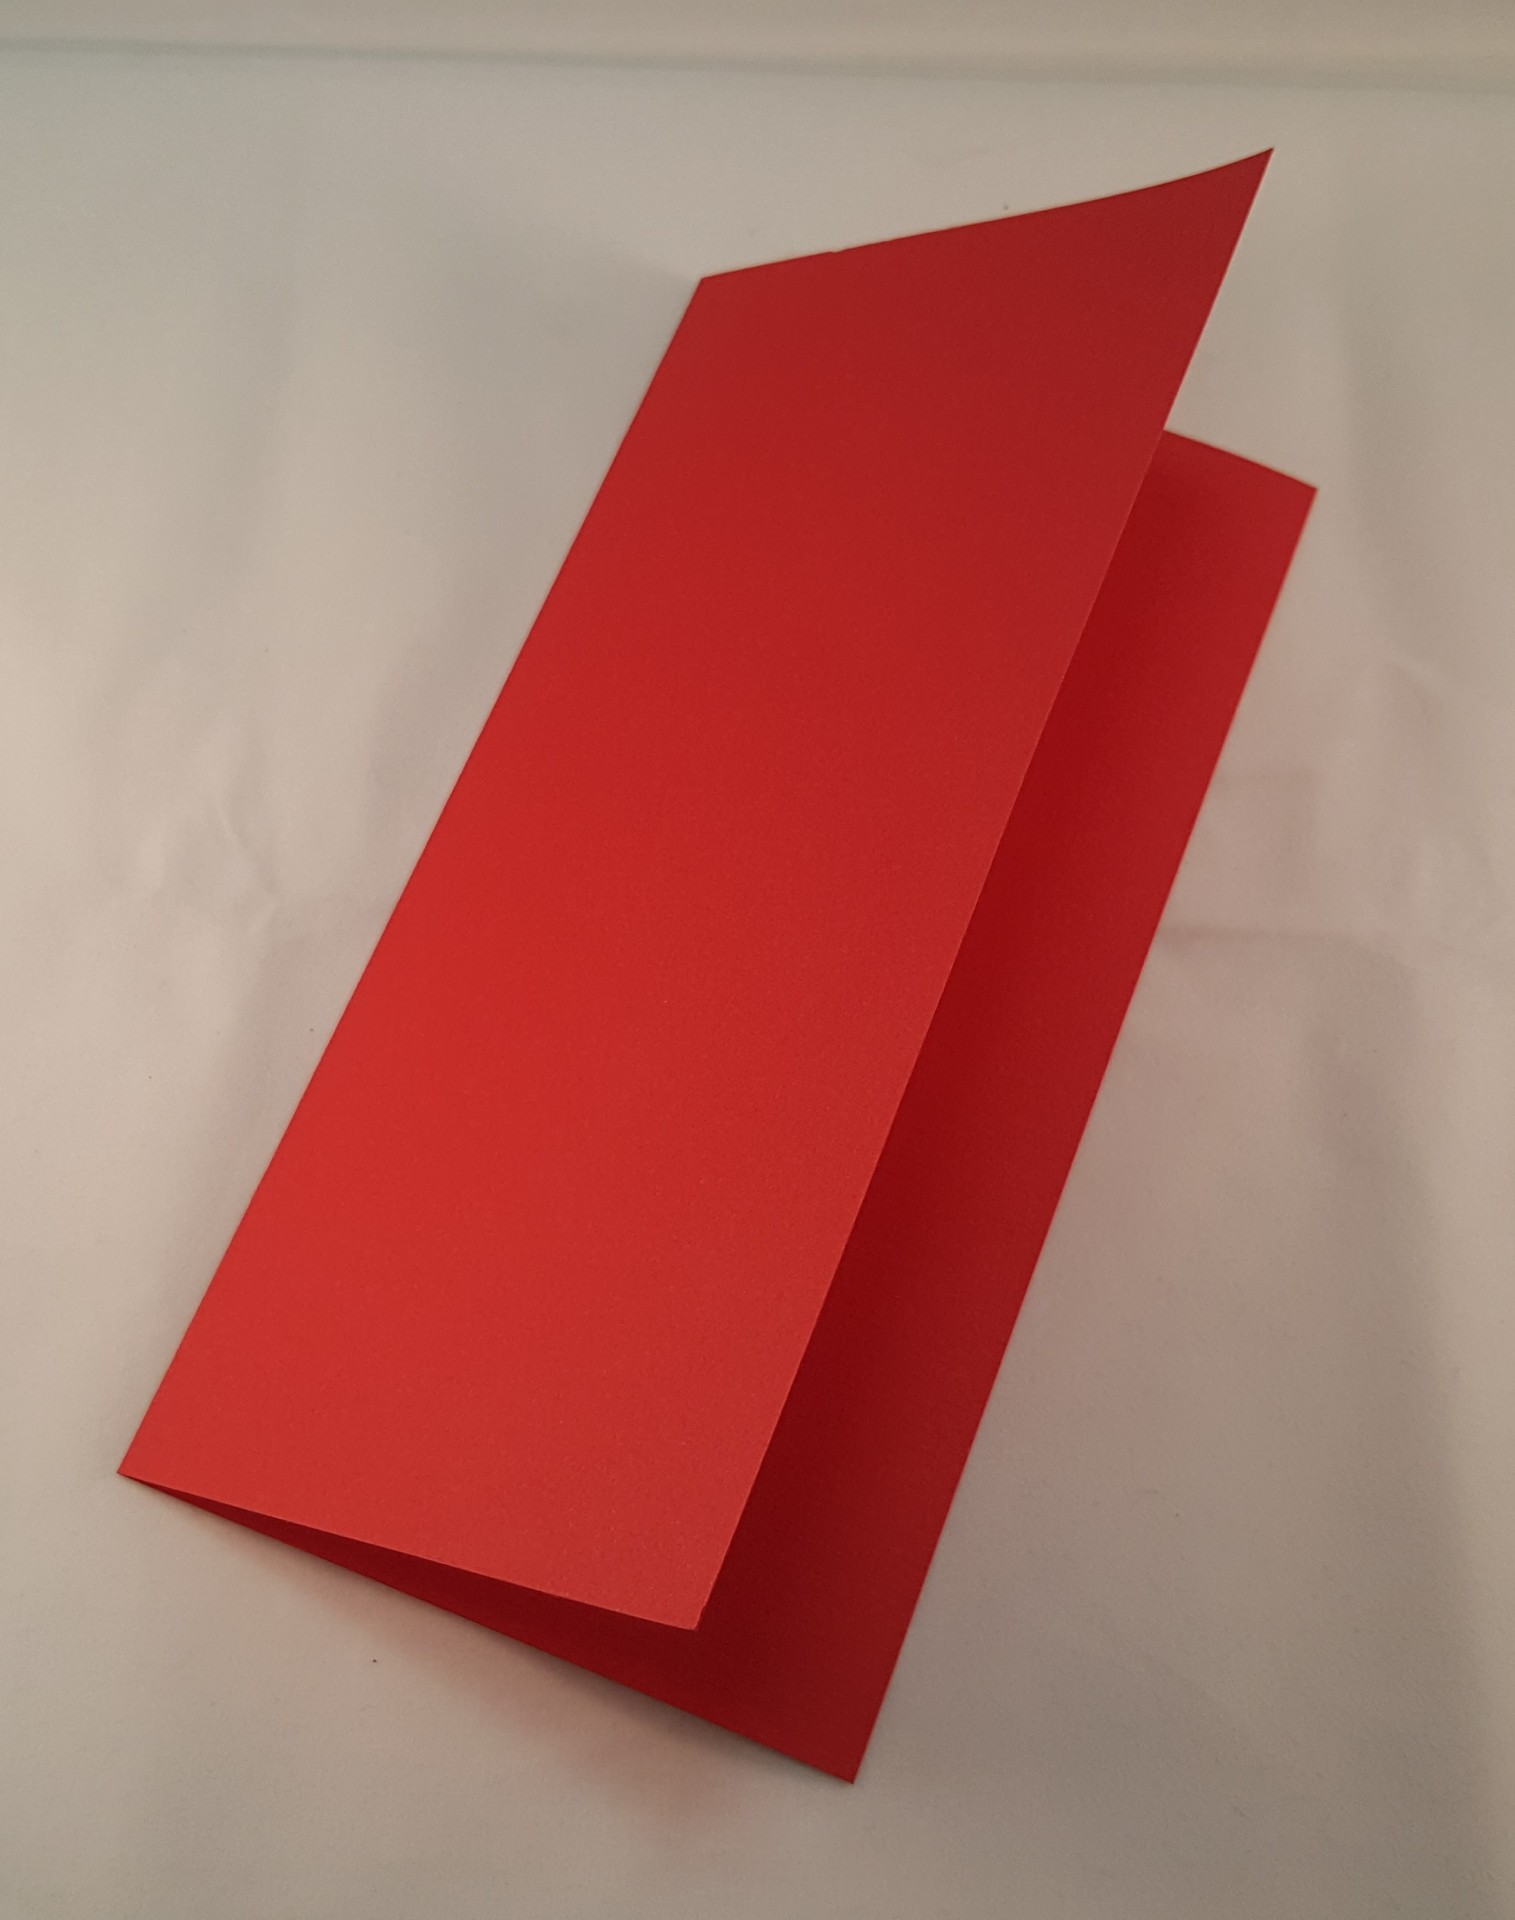 Cartão DL colorido cor vermelha